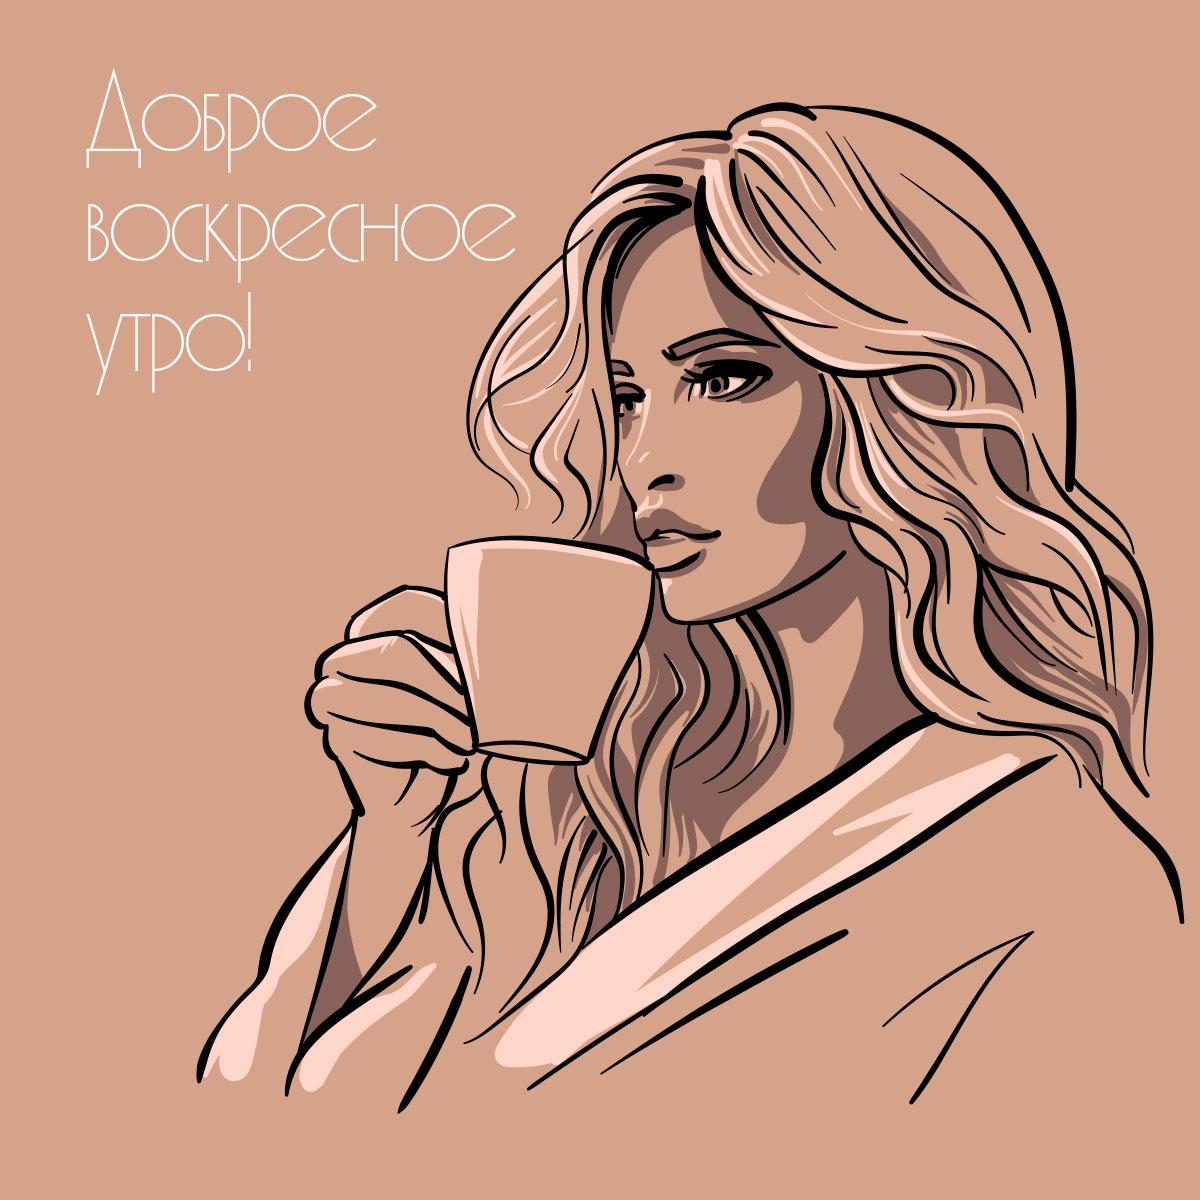 Картинка с надписью доброе воскресное утро: штриховой портрет девушки-блондинки с распущенными длинными волосами в домашнем халате с чашкой в руке.